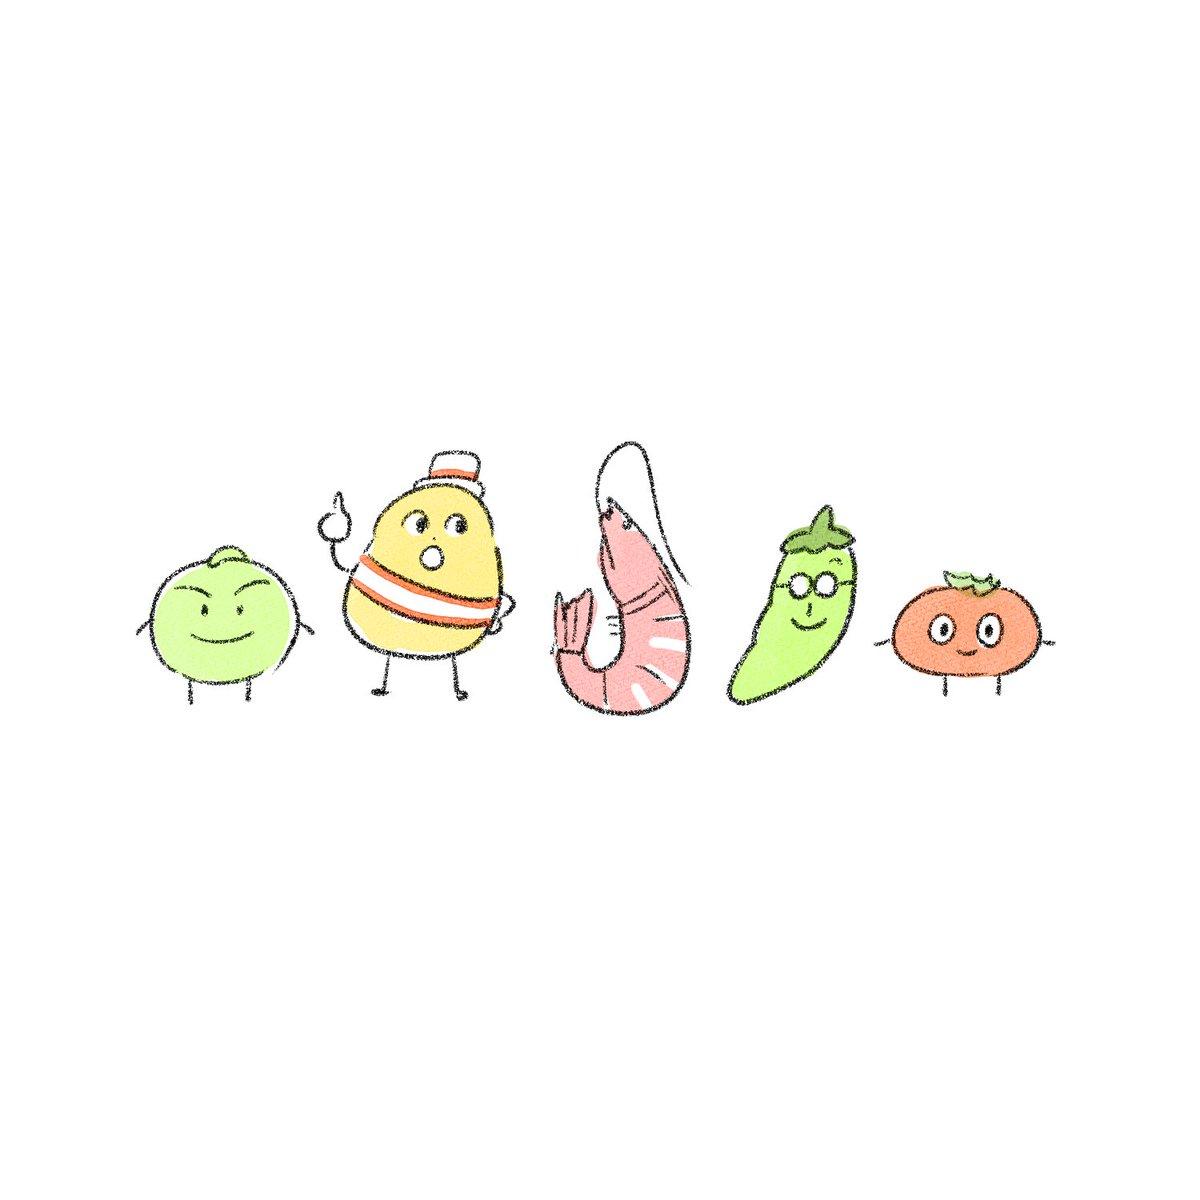 スナック菓子のキャラクター達